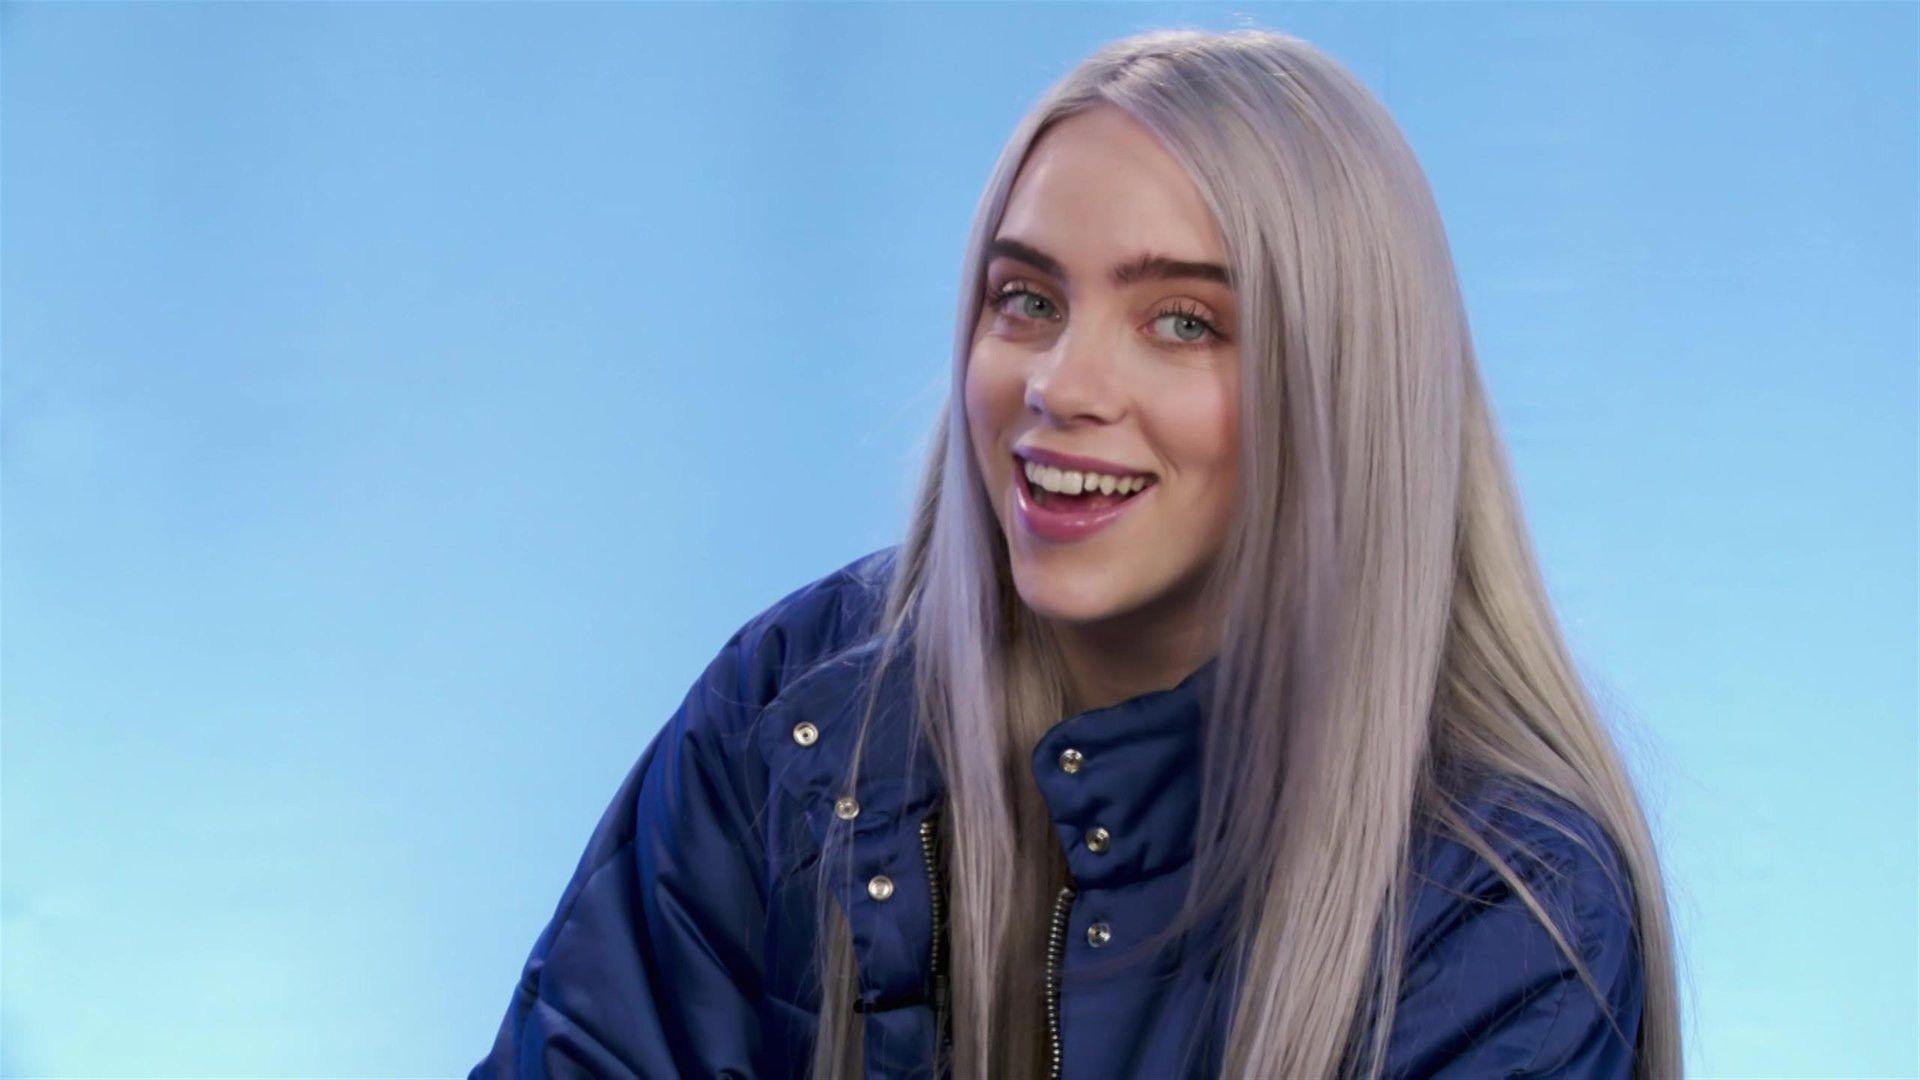 Pictures Of Billie Eilish Smiling Unique Billie Eilish Talks Don T Smile At Me Ep Hopes To Wo Billie Eilish Billie Blue Hair